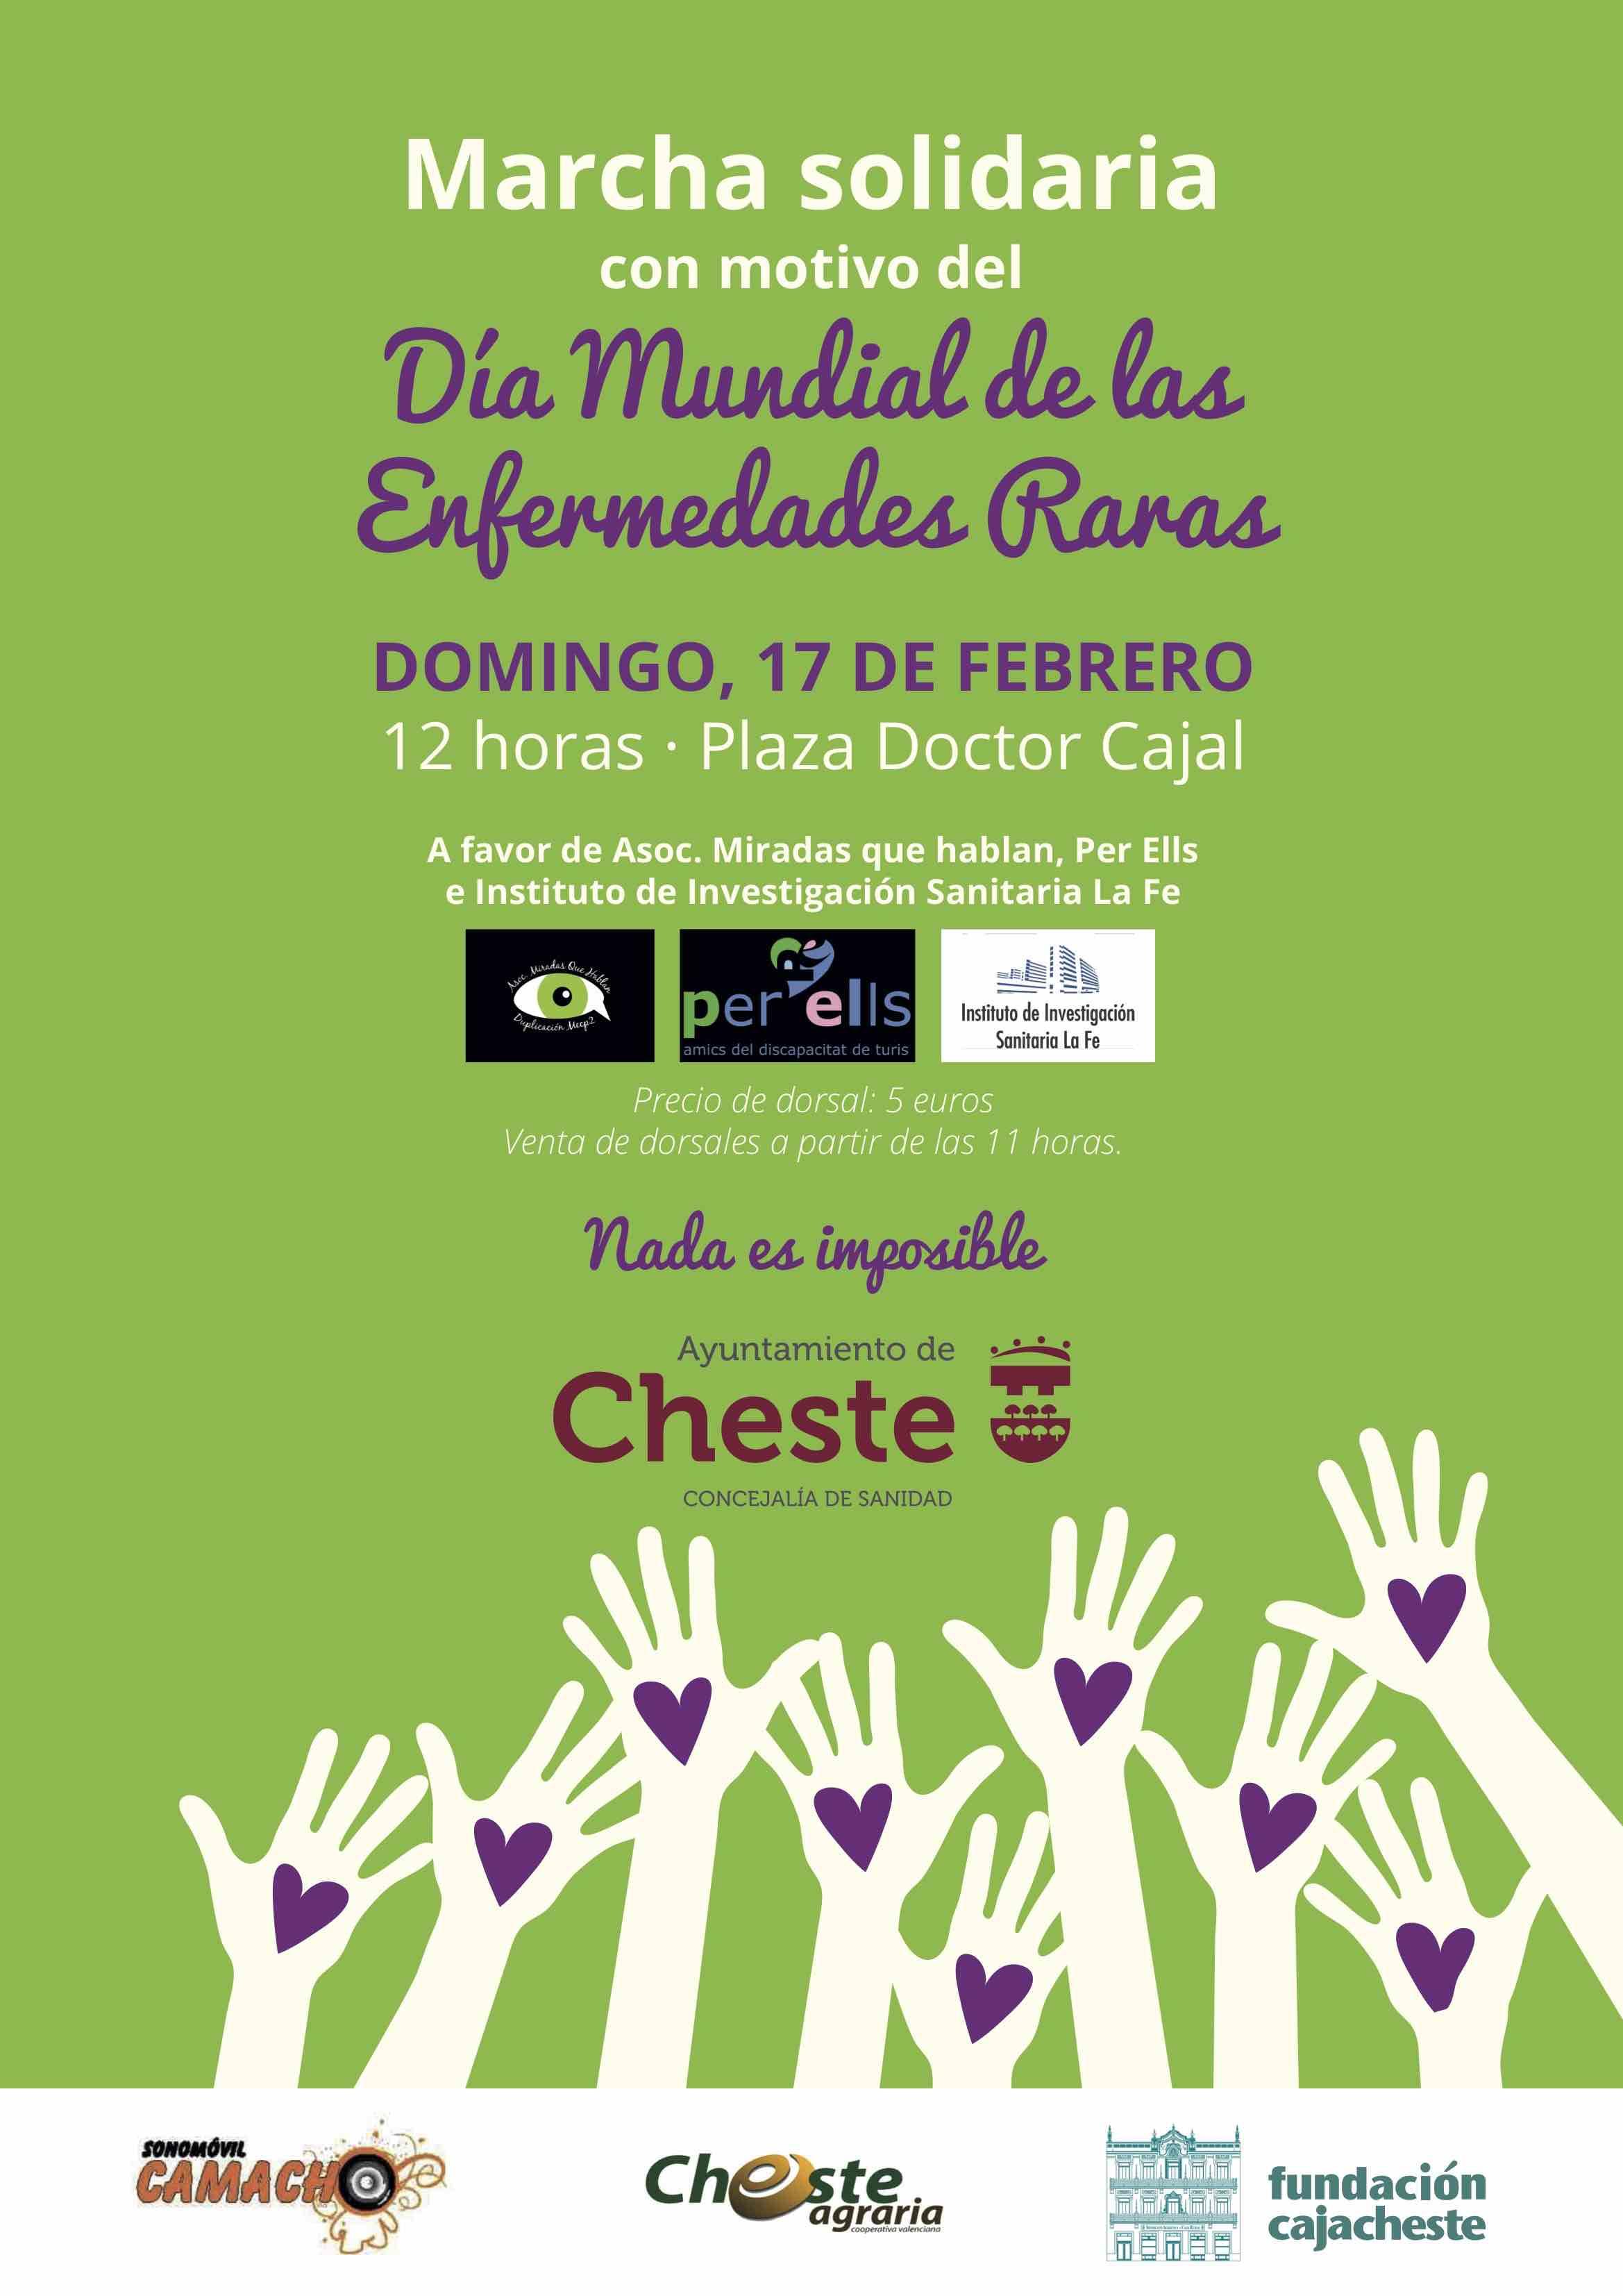 Este domingo, 17 de febrero, tendrá lugar una marcha solidaria, a las 12 horas, desde la plaza Doctor Cajal.